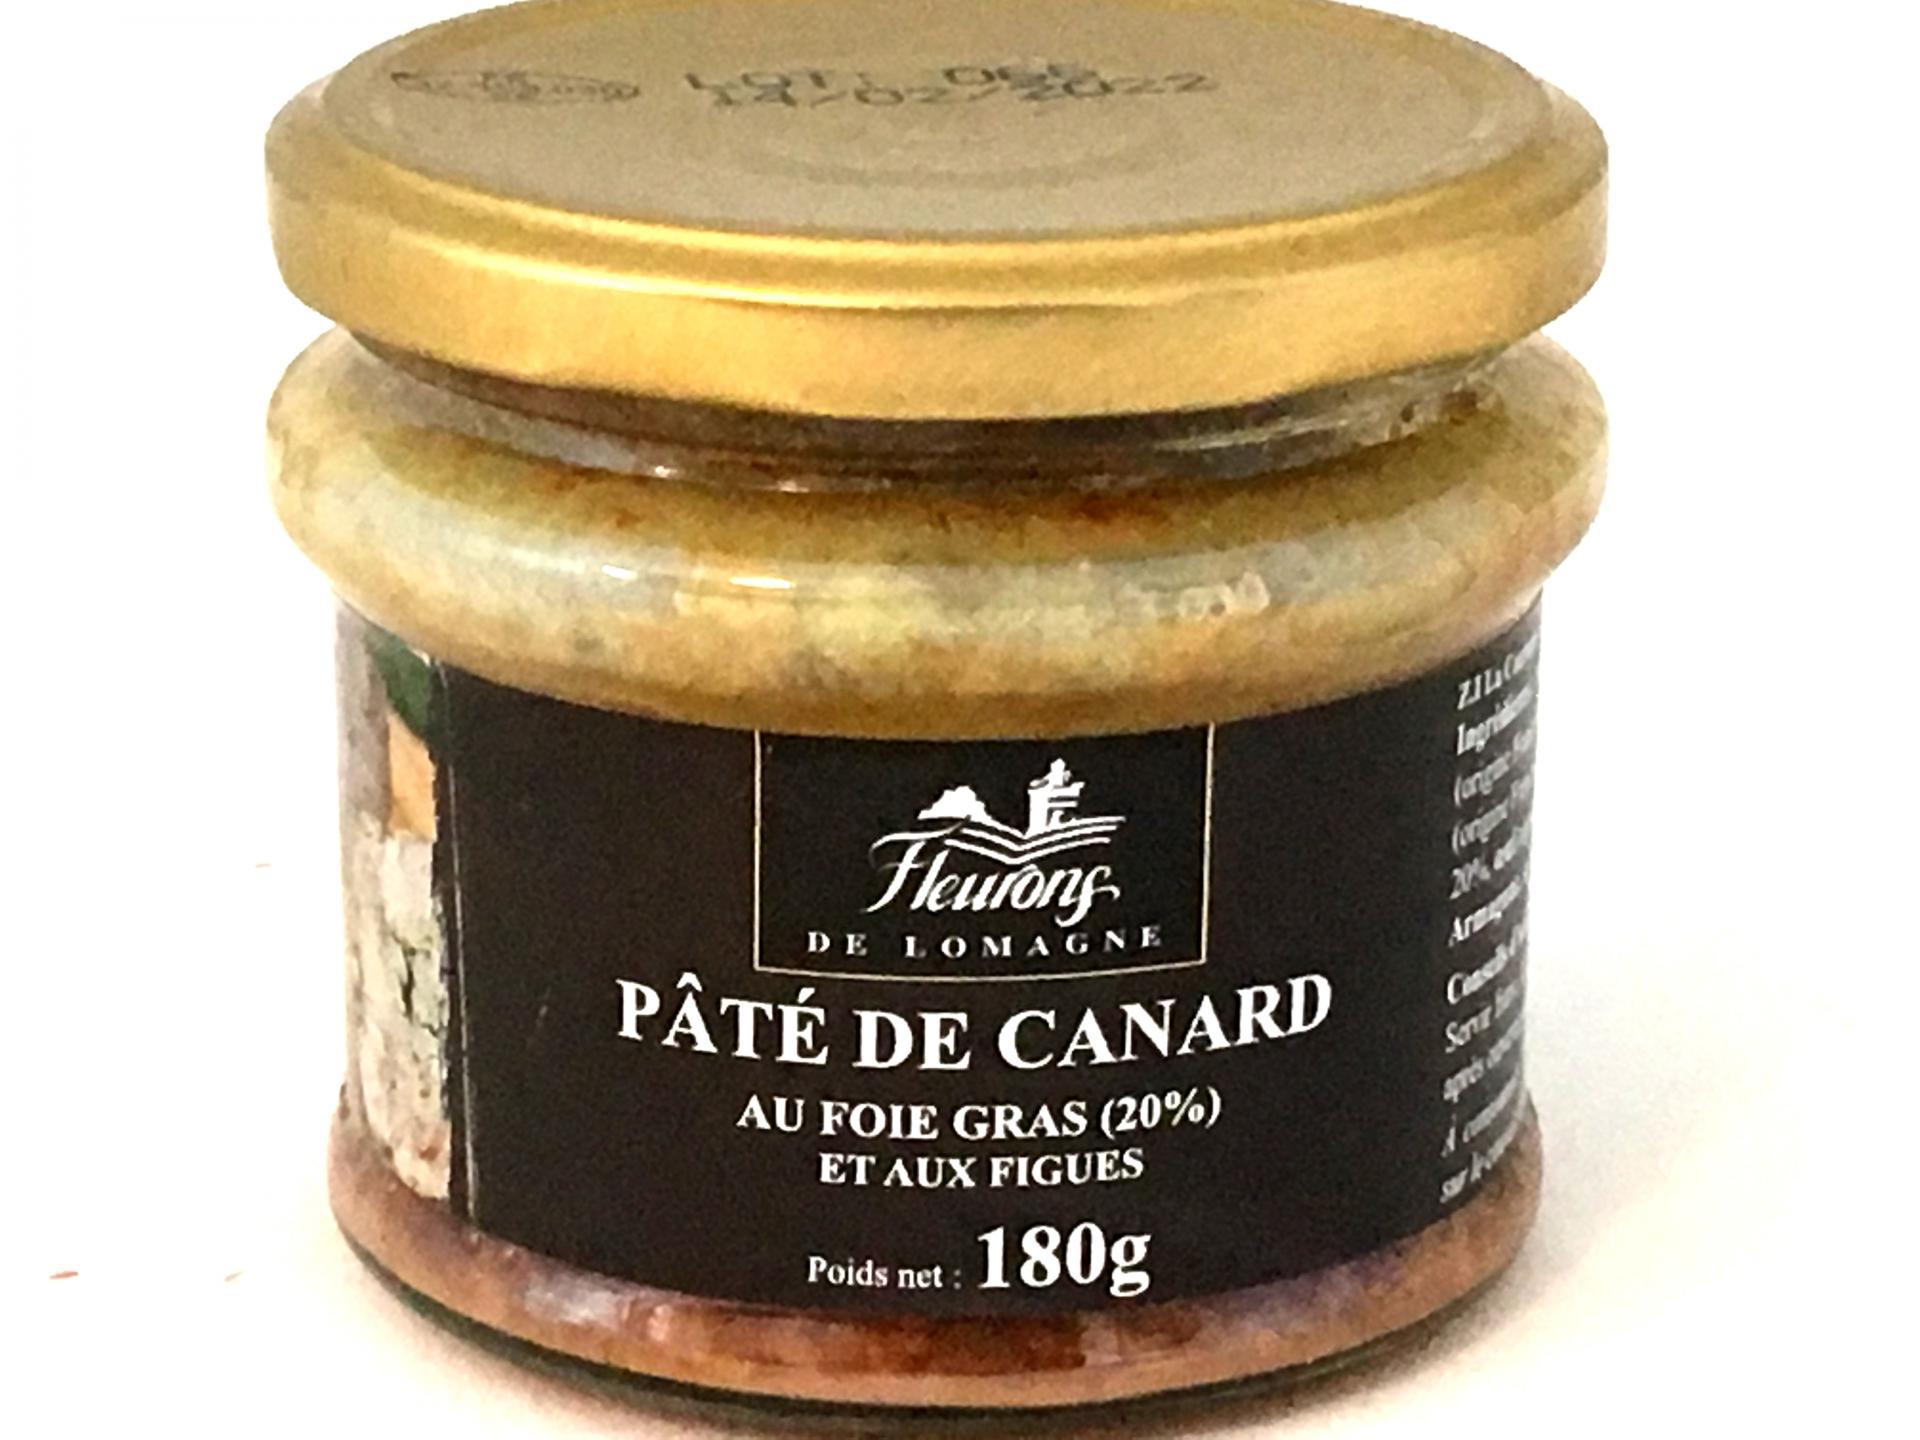 Pate de canard aux figues et au foie gras 20 foie gras 180g bocal